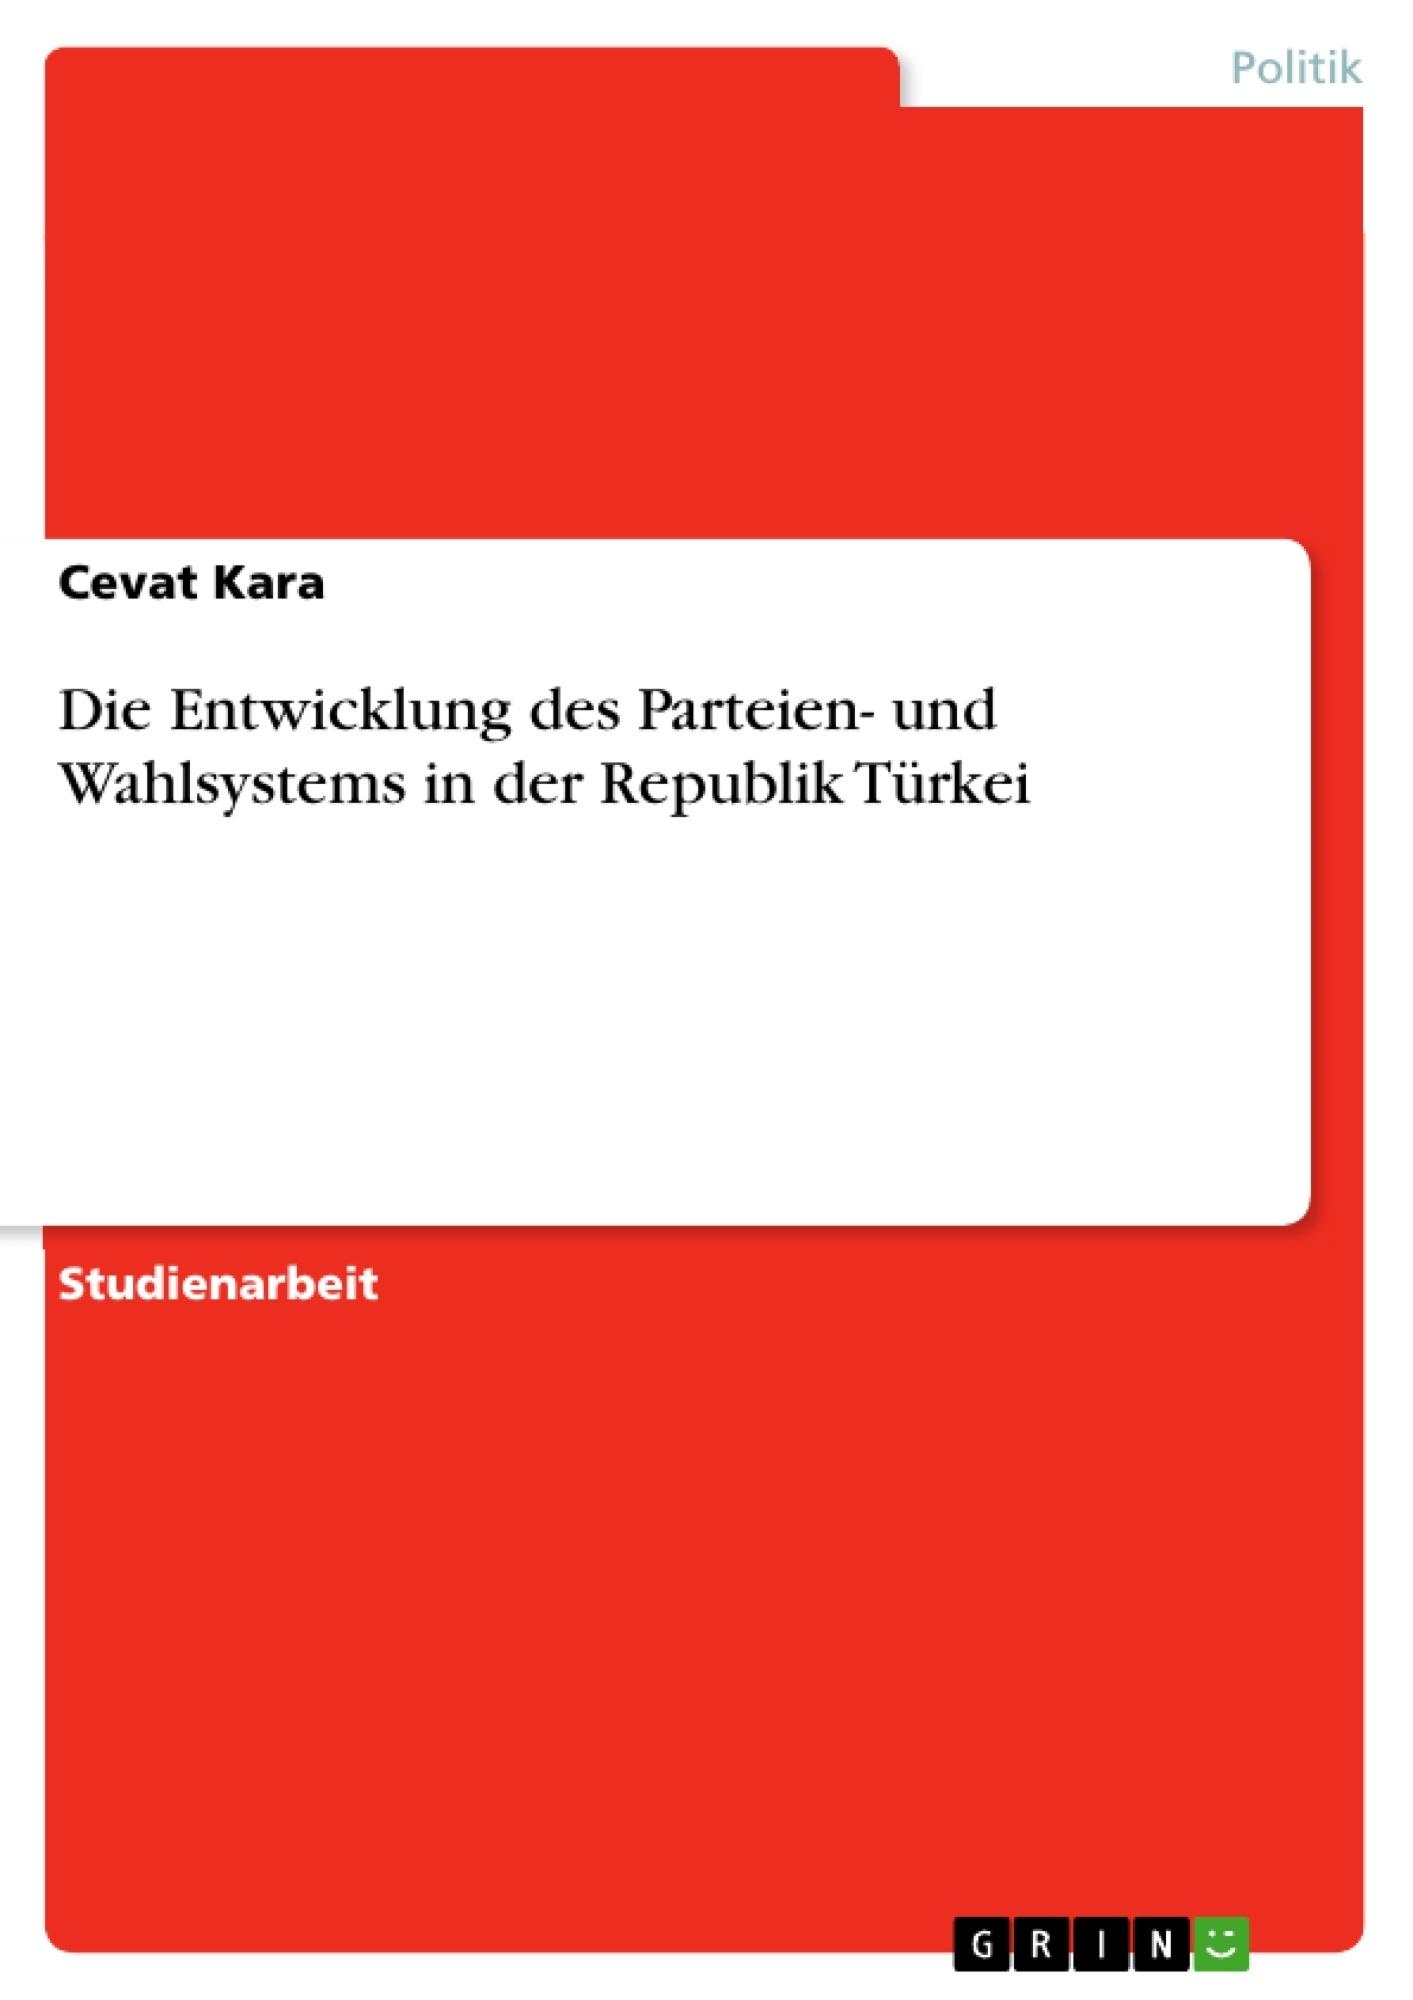 Titel: Die Entwicklung des Parteien- und Wahlsystems in der Republik Türkei